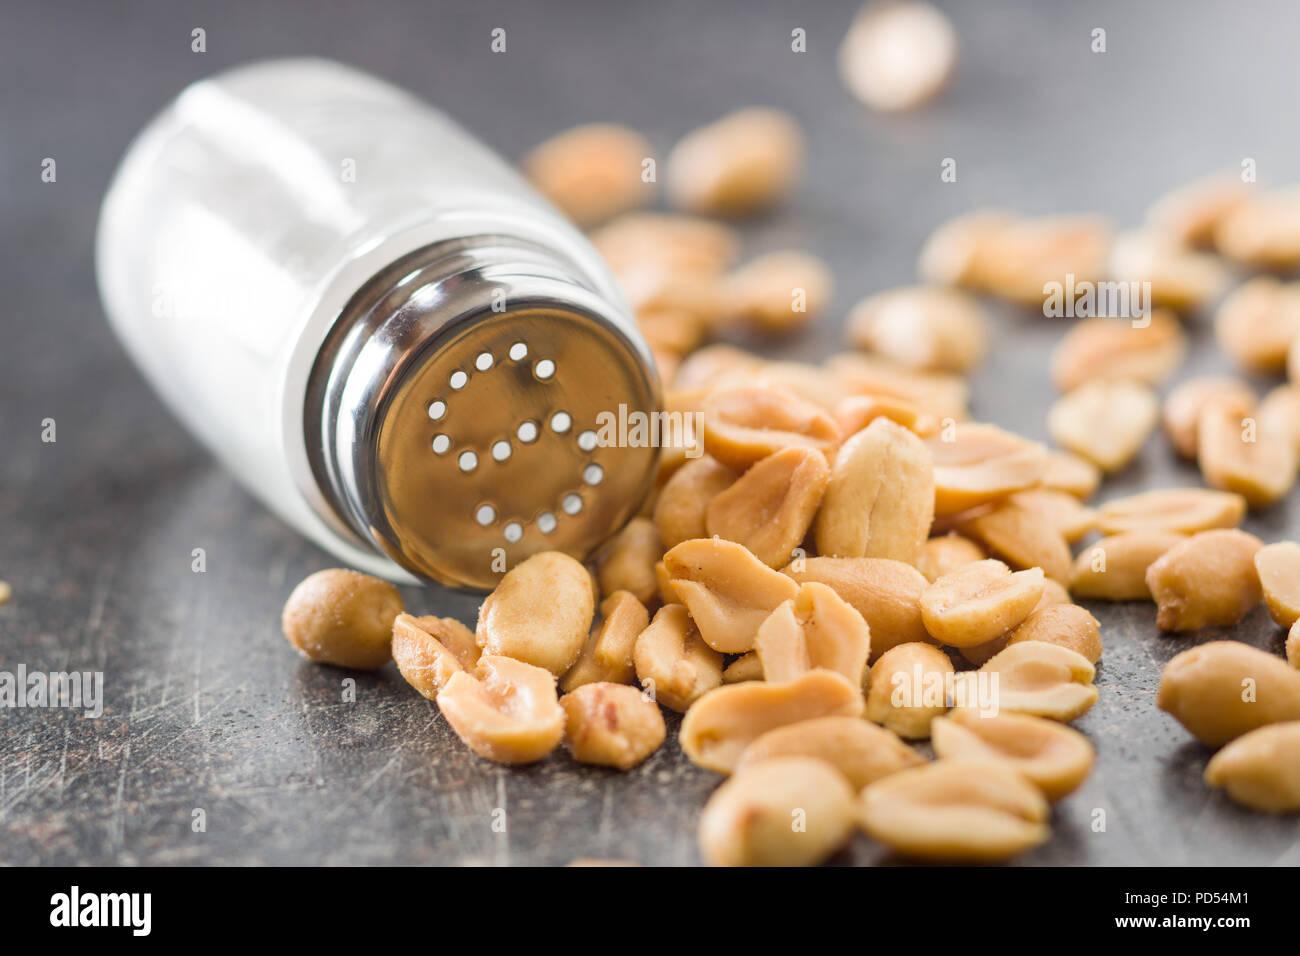 Salted roasted peanuts and salt cellar. - Stock Image